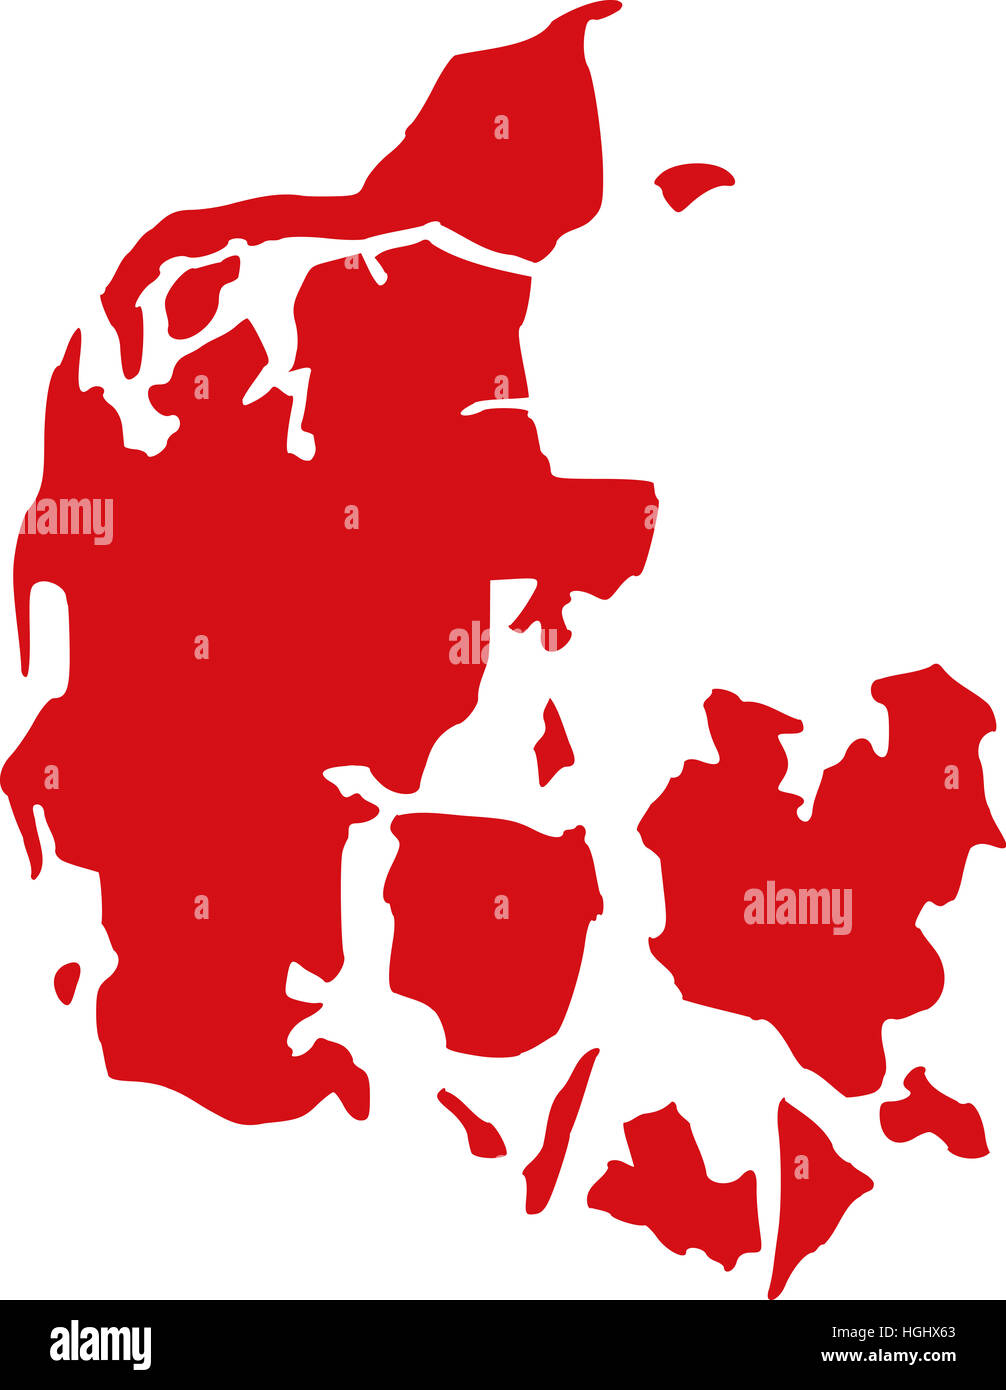 Denmark map - Stock Image